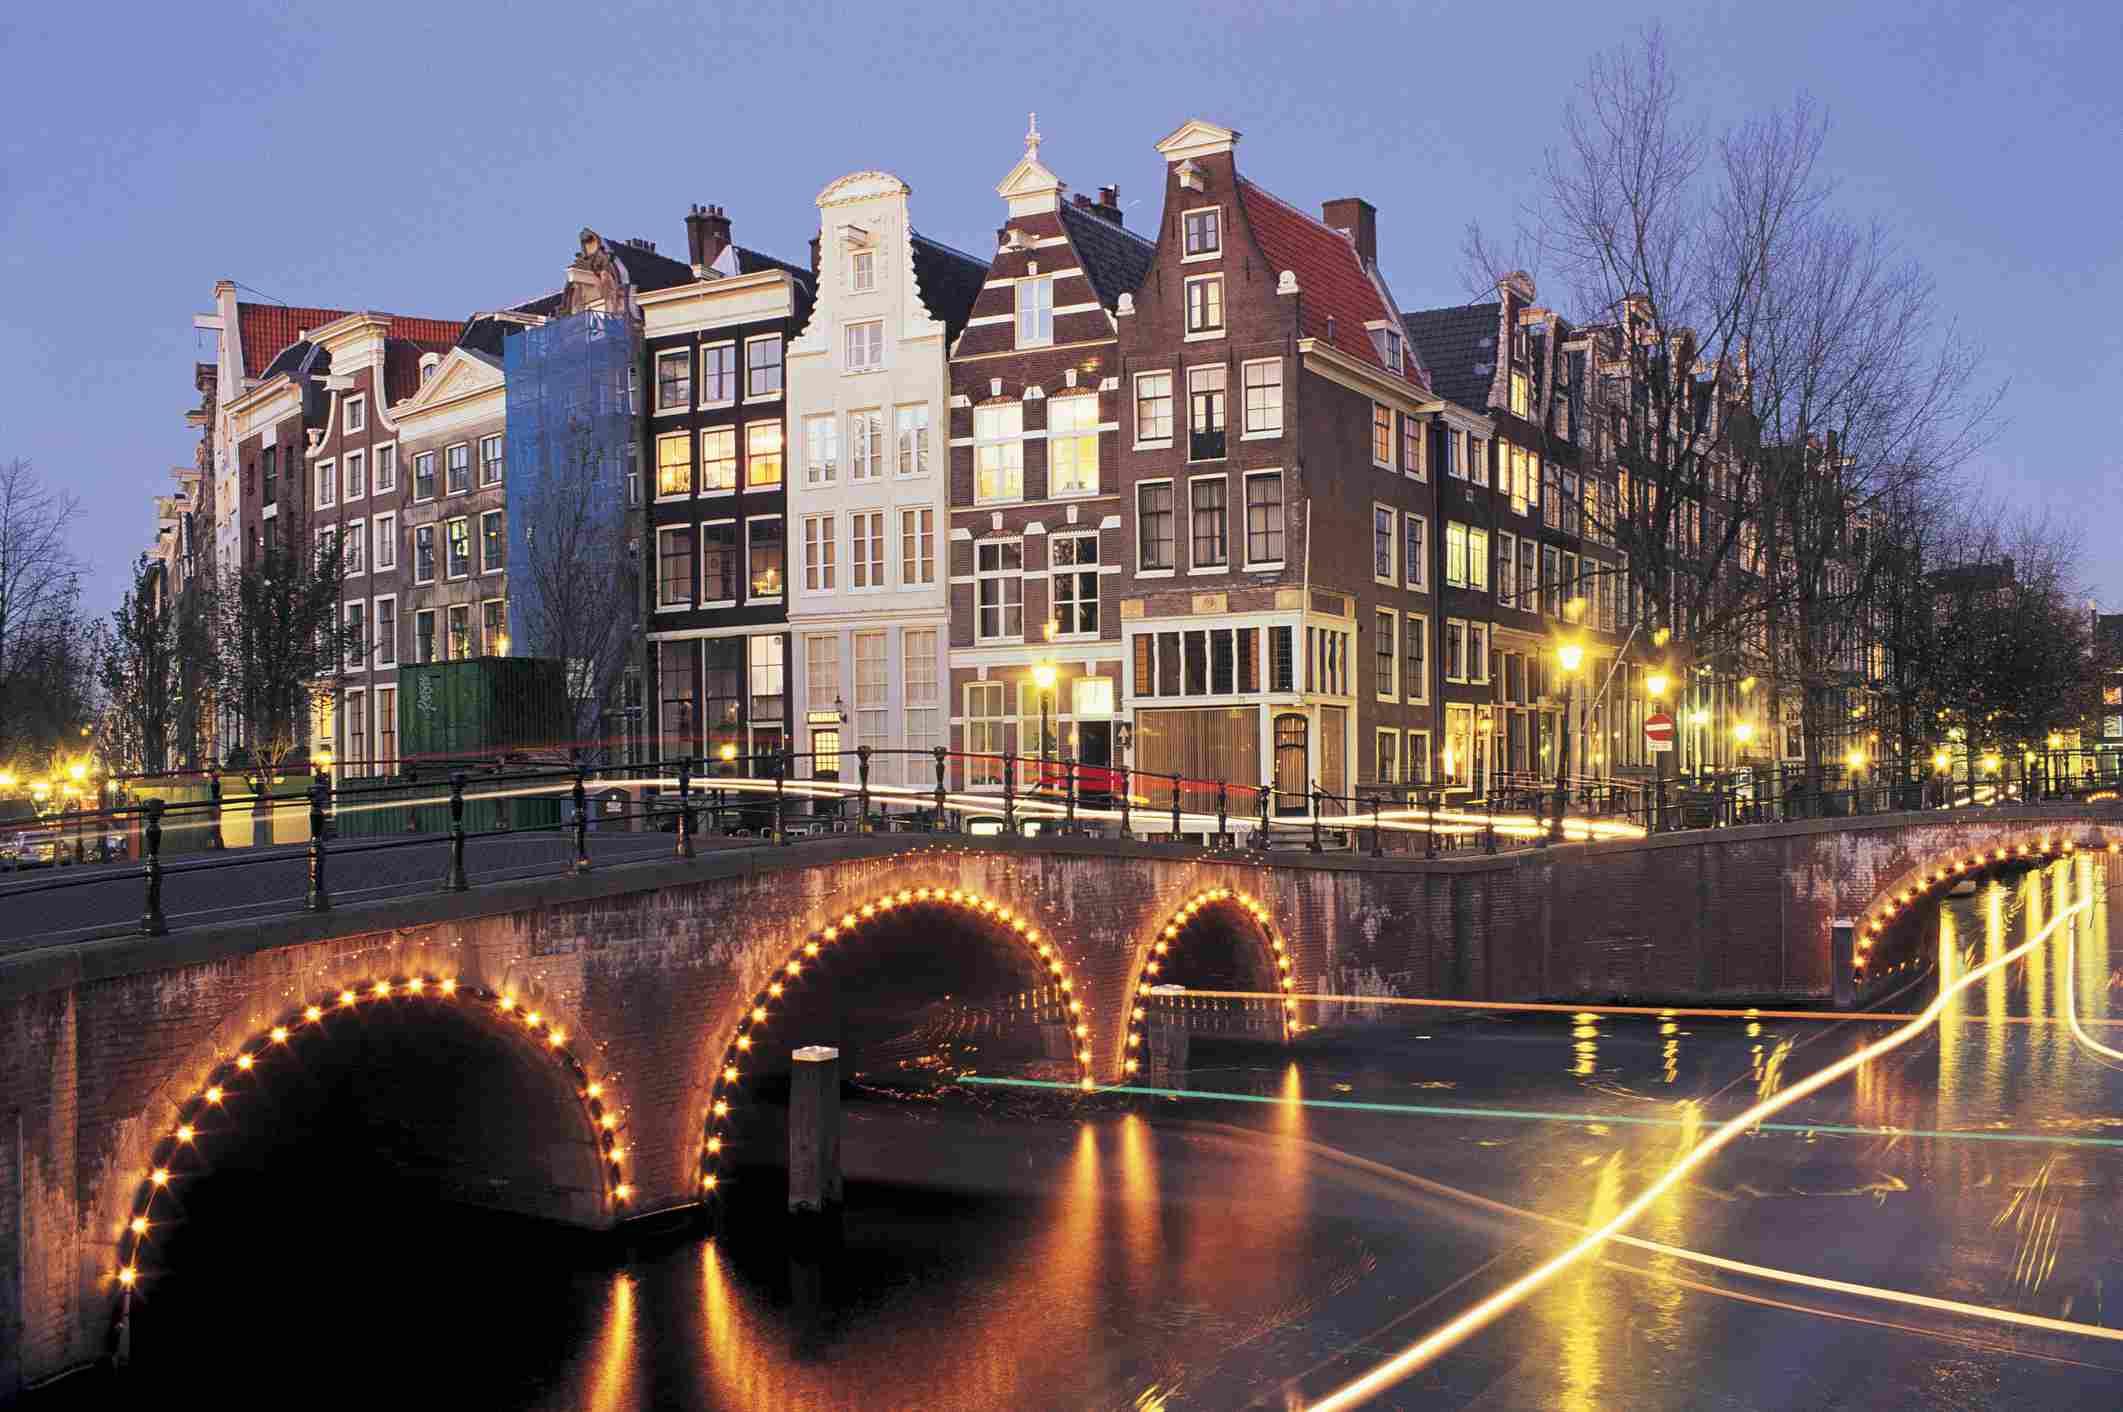 Leidsegracht Canal, Amsterdam, Netherlands